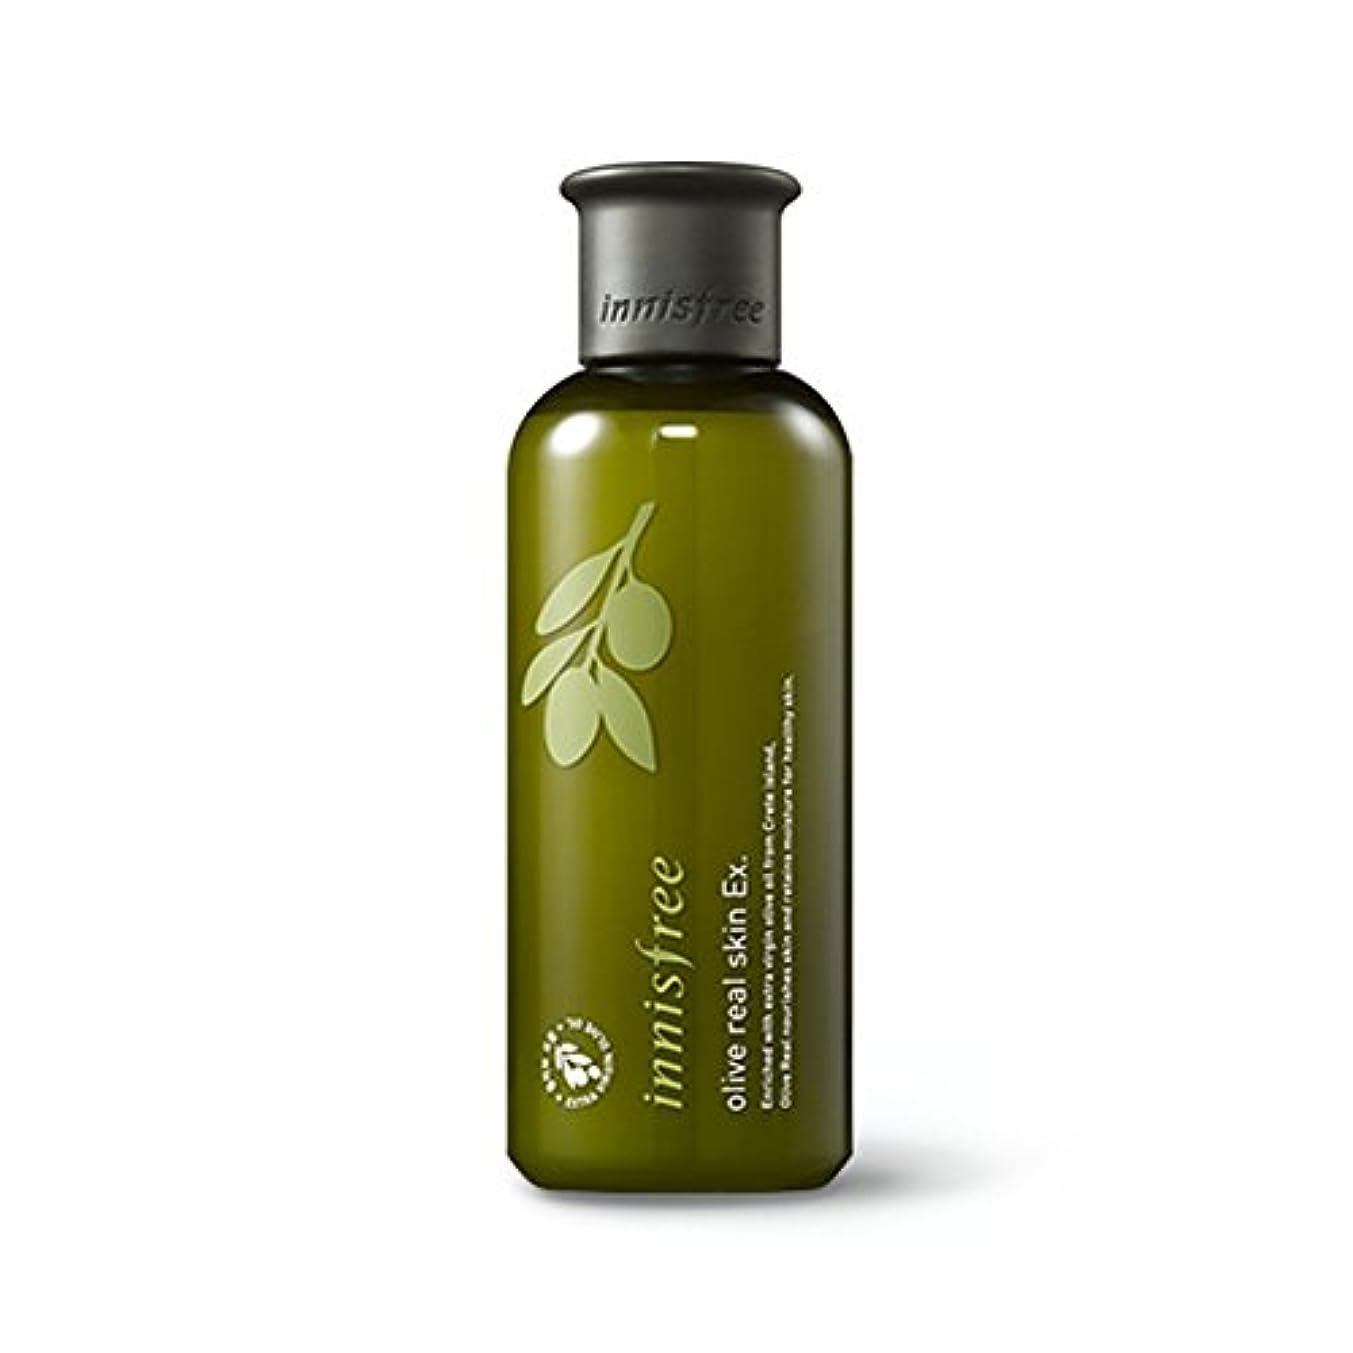 起業家活性化報酬イニスフリーオリーブリアルスキン 200ml Innisfree Olive Real Skin Ex. 200ml [海外直送品][並行輸入品]